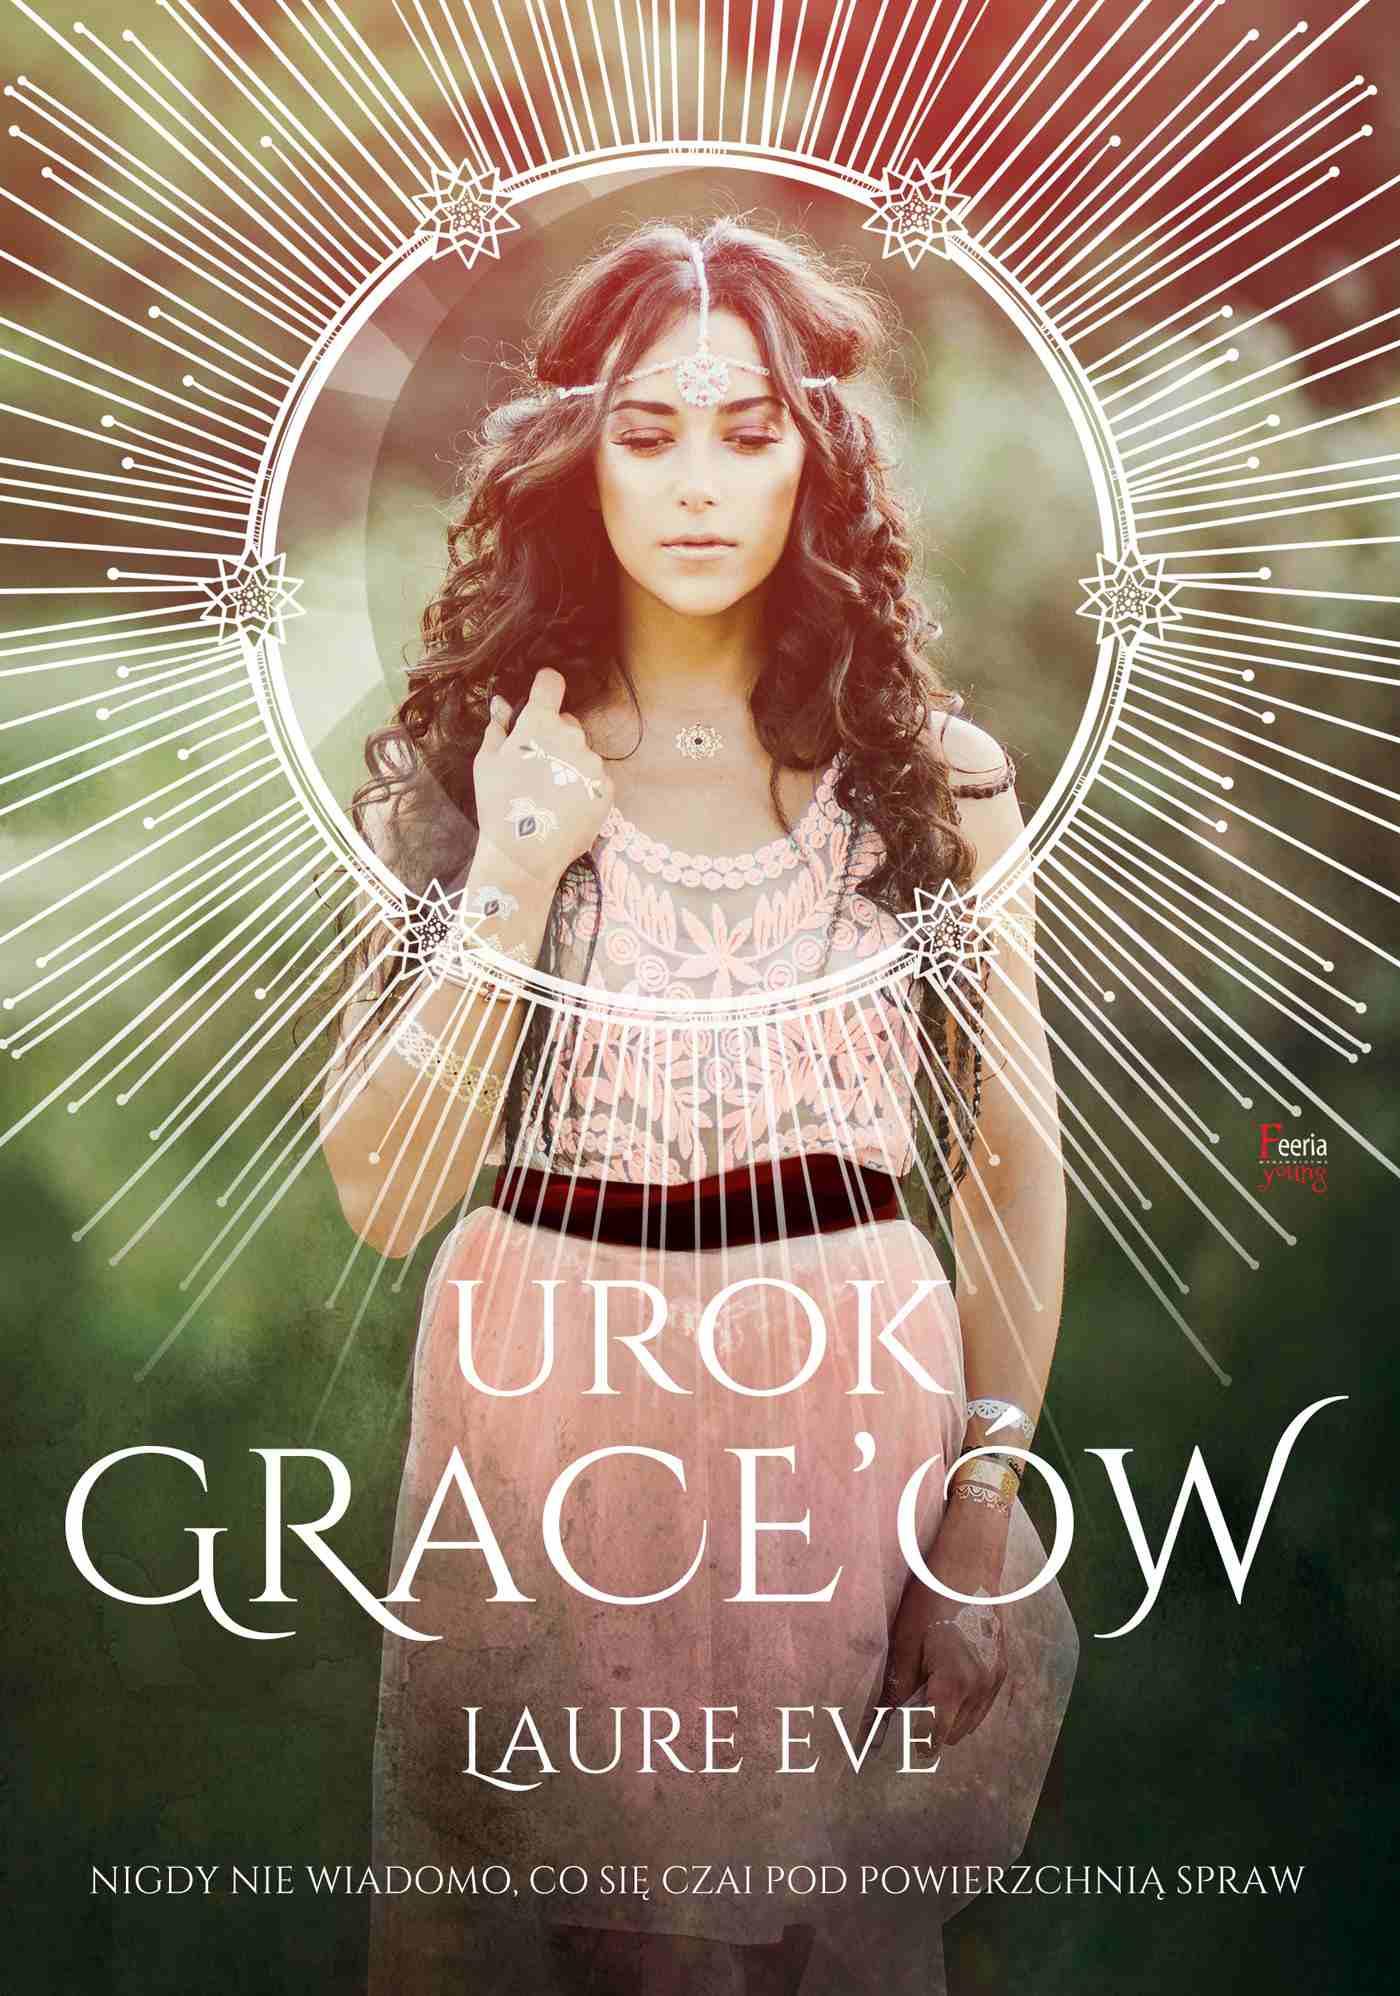 Urok Grace'ów - Ebook (Książka na Kindle) do pobrania w formacie MOBI